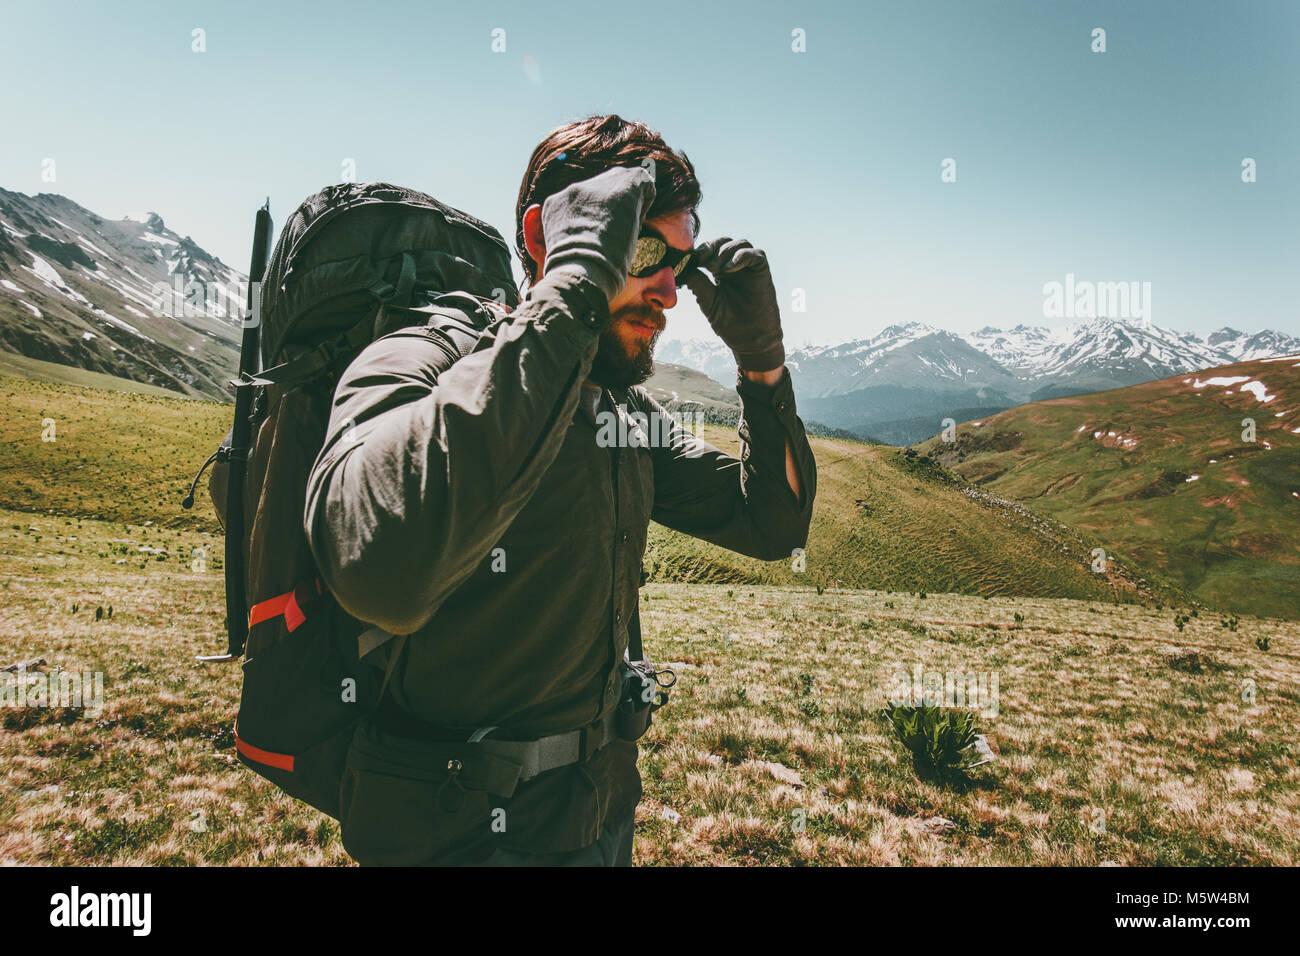 Backpacker Menschen wandern in die berge Reisen Lifestyle überleben Konzept Abenteuer Outdoor Aktiv Urlaub Stockbild